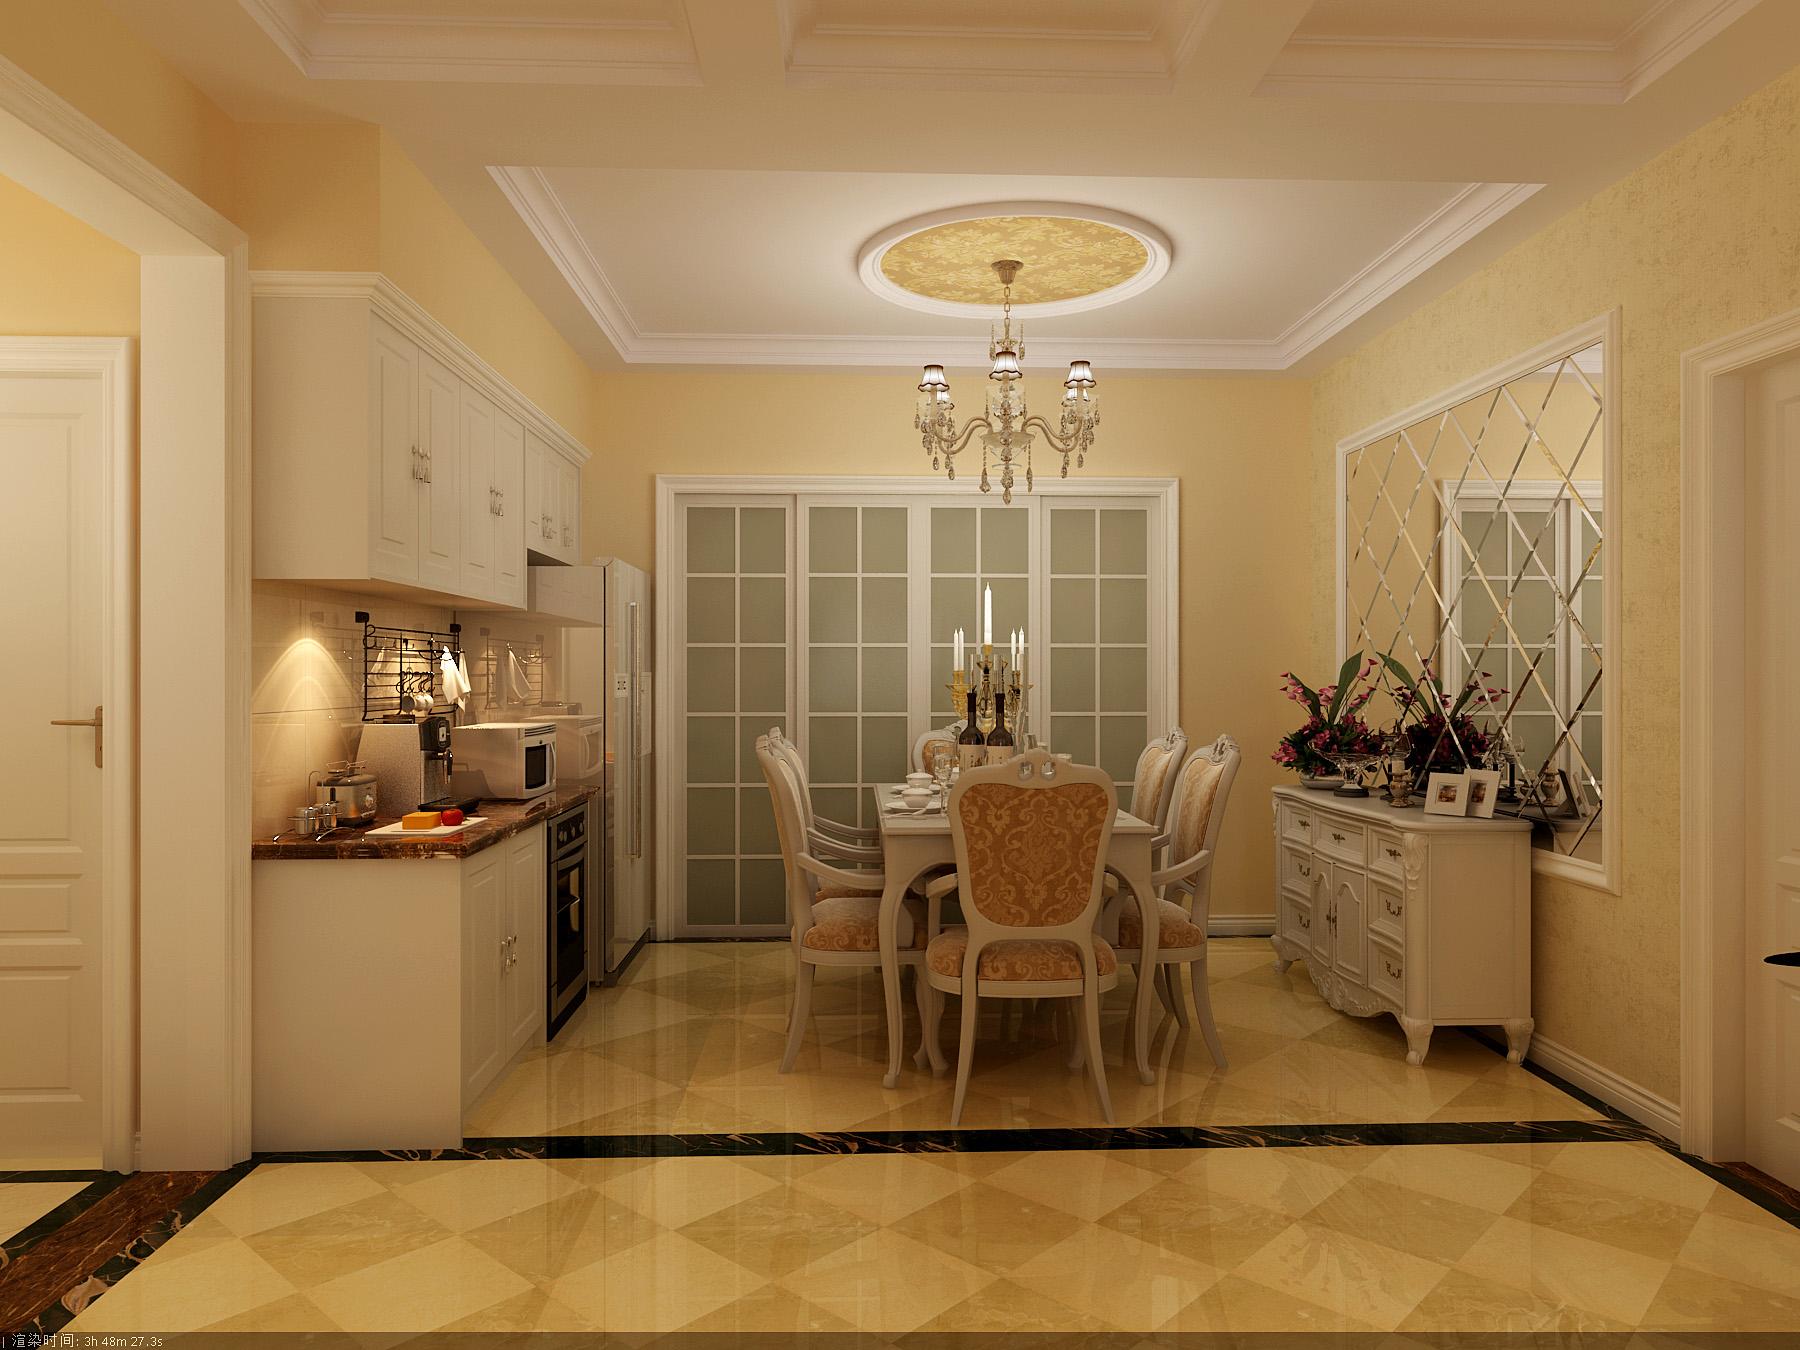 欧式 三居 餐厅图片来自北京今朝装饰刘在纳帕澜郡经典三居简欧设计的分享